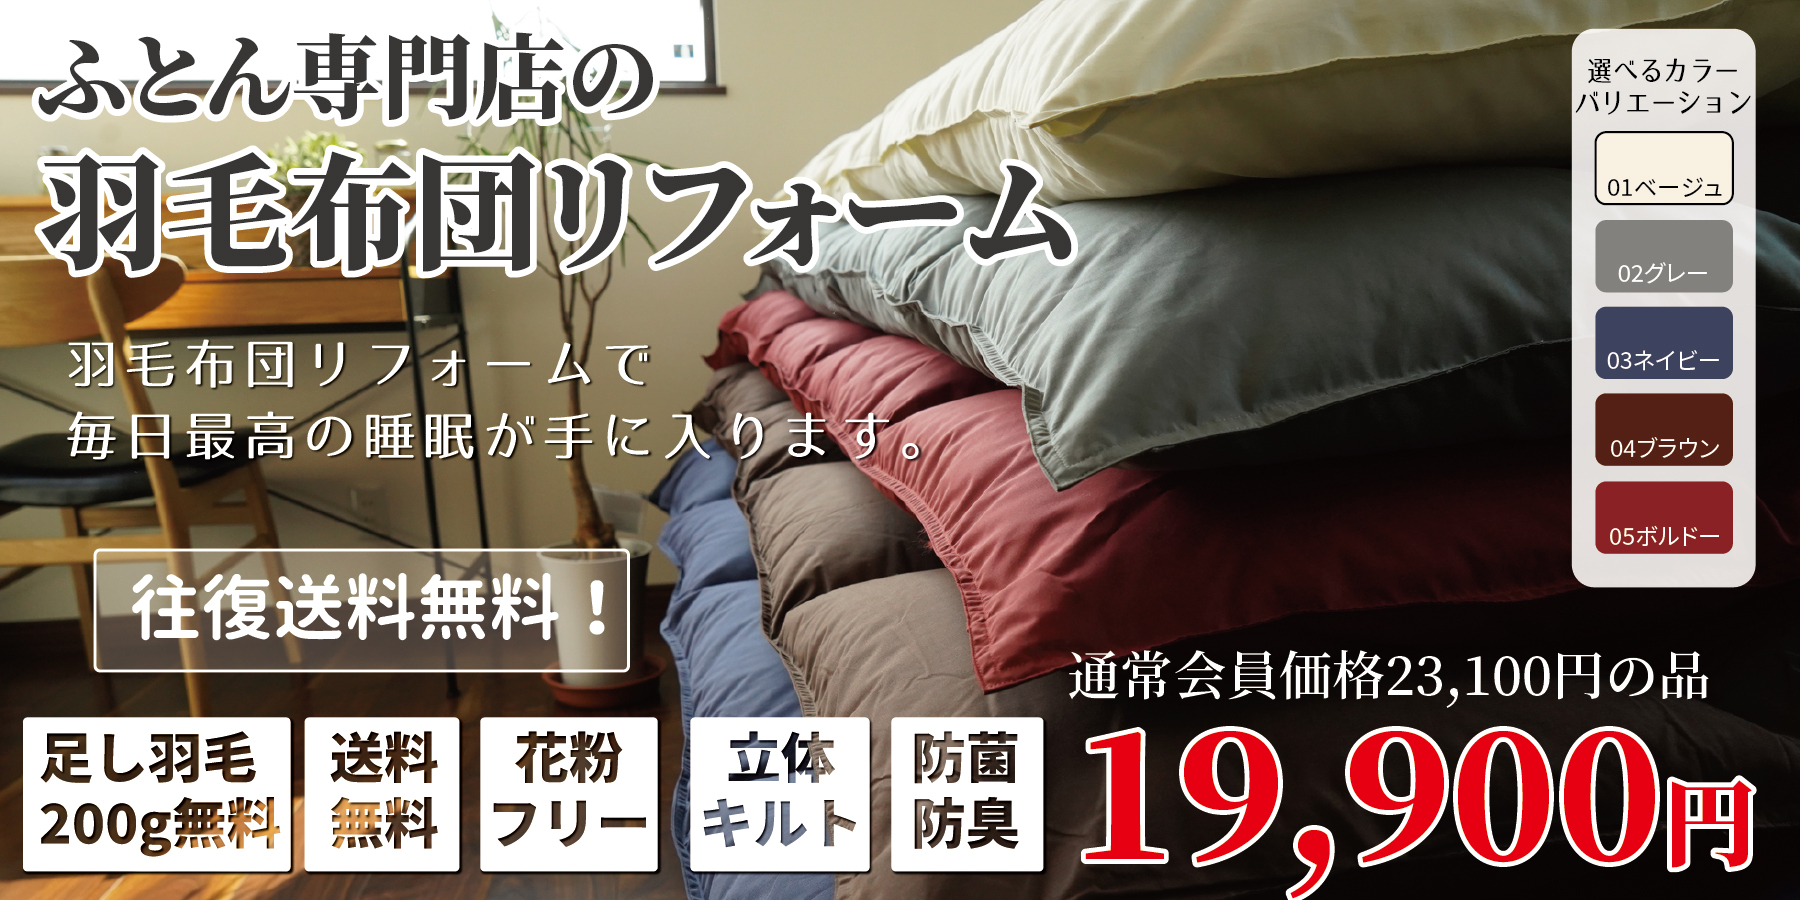 羽毛布団リフォームキャンペーン